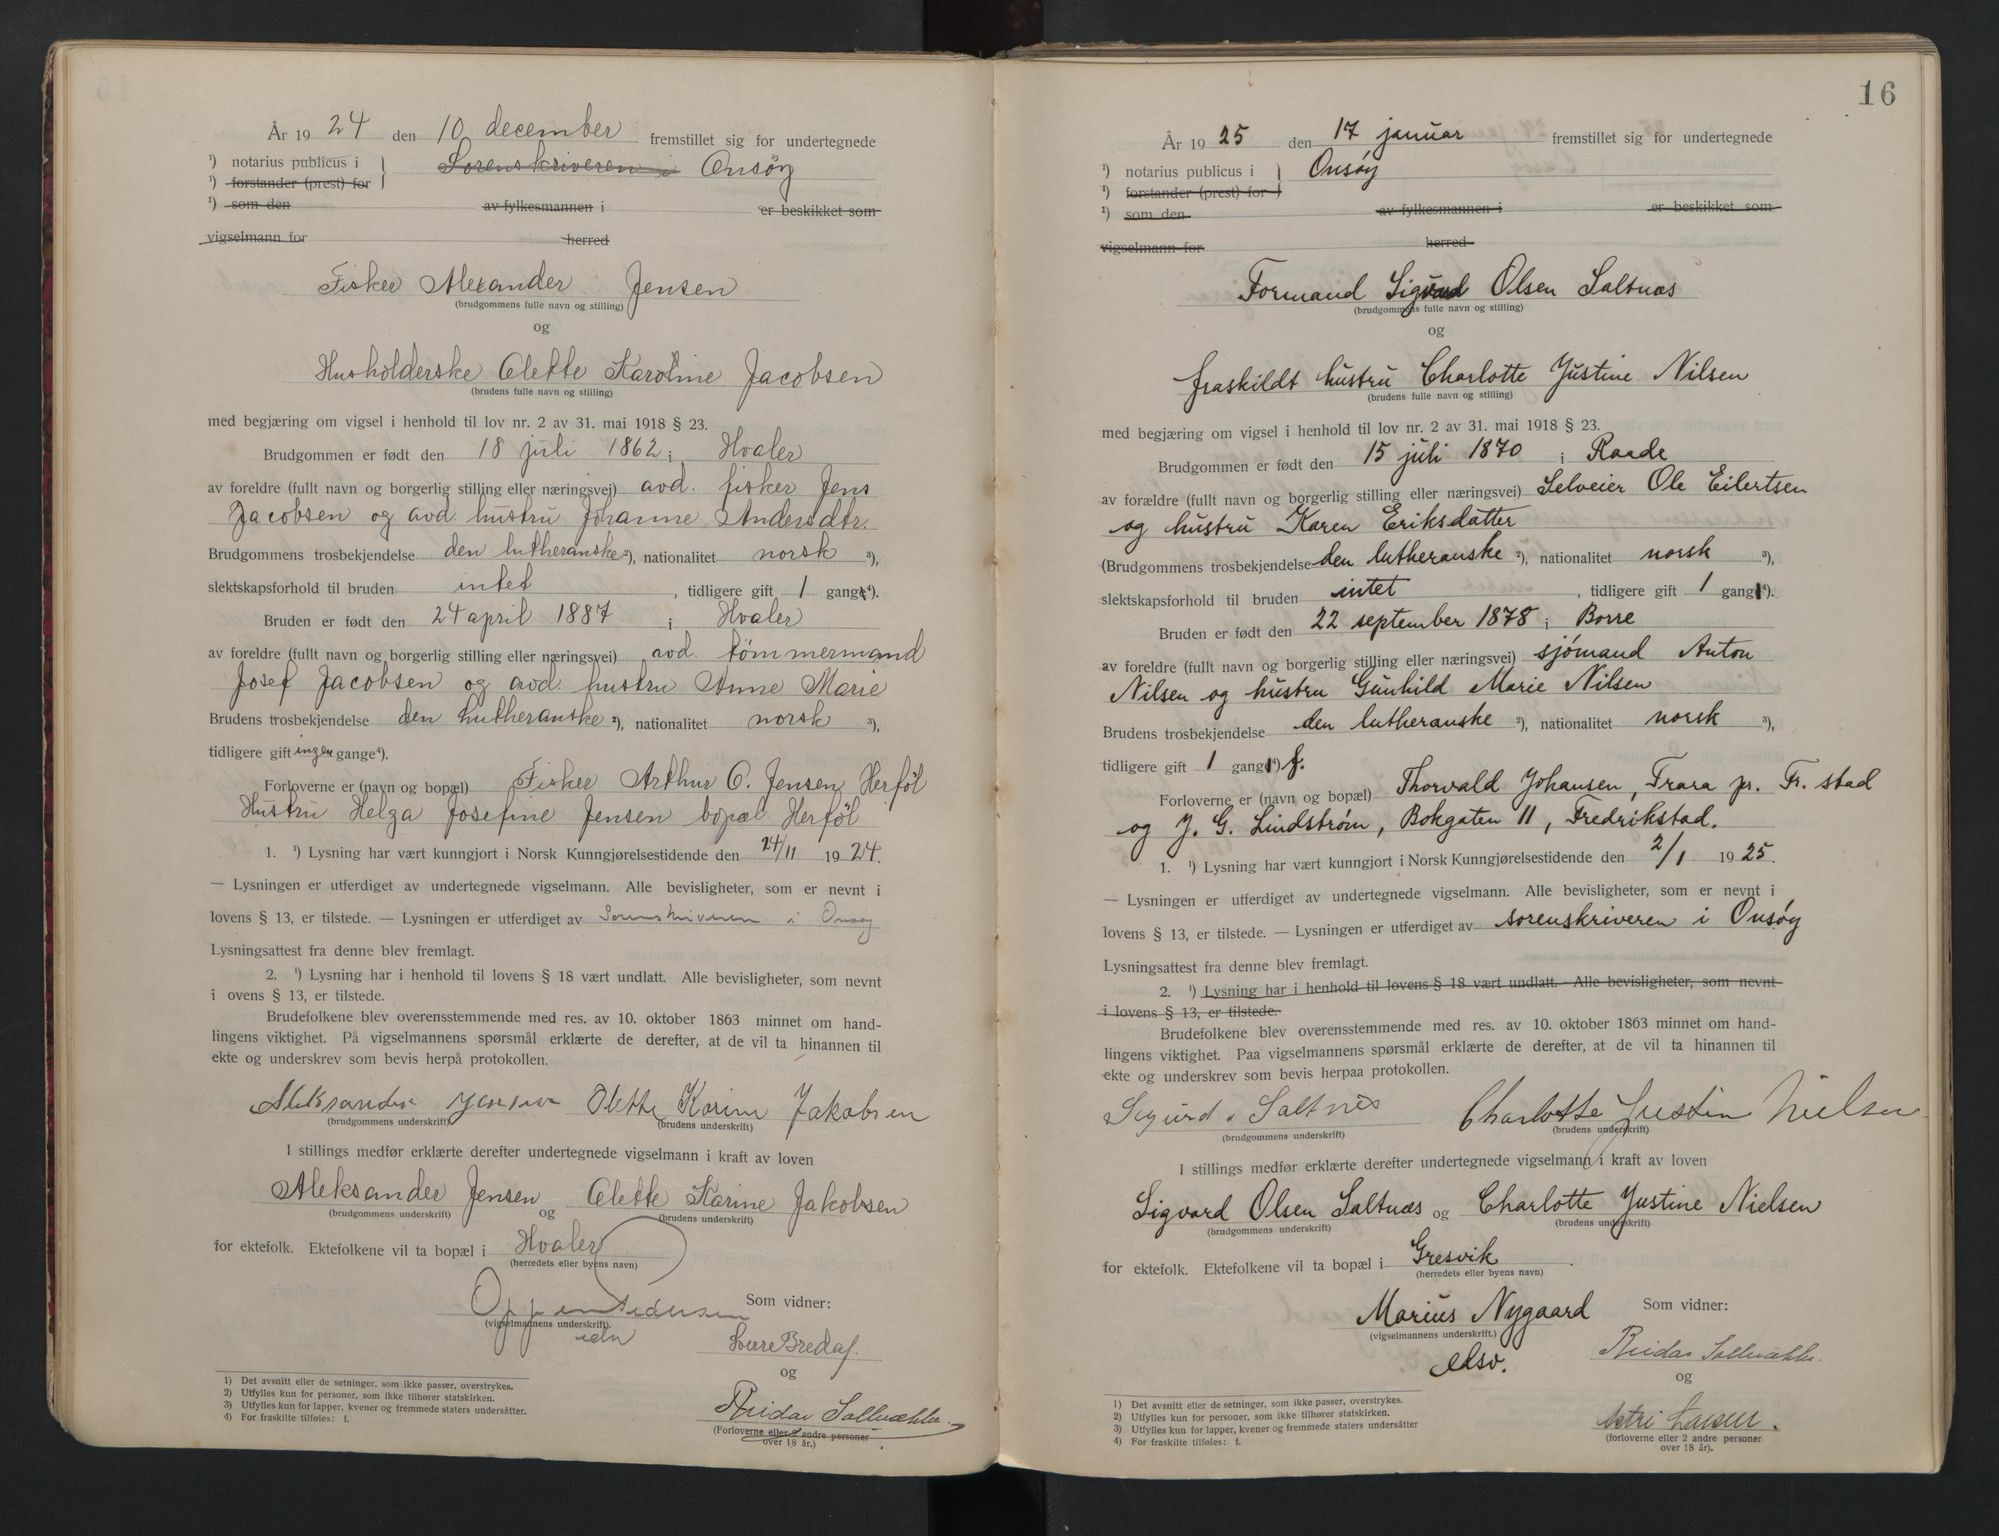 SAO, Onsøy sorenskriveri, L/La/L0001: Vigselsbok, 1920-1942, s. 16